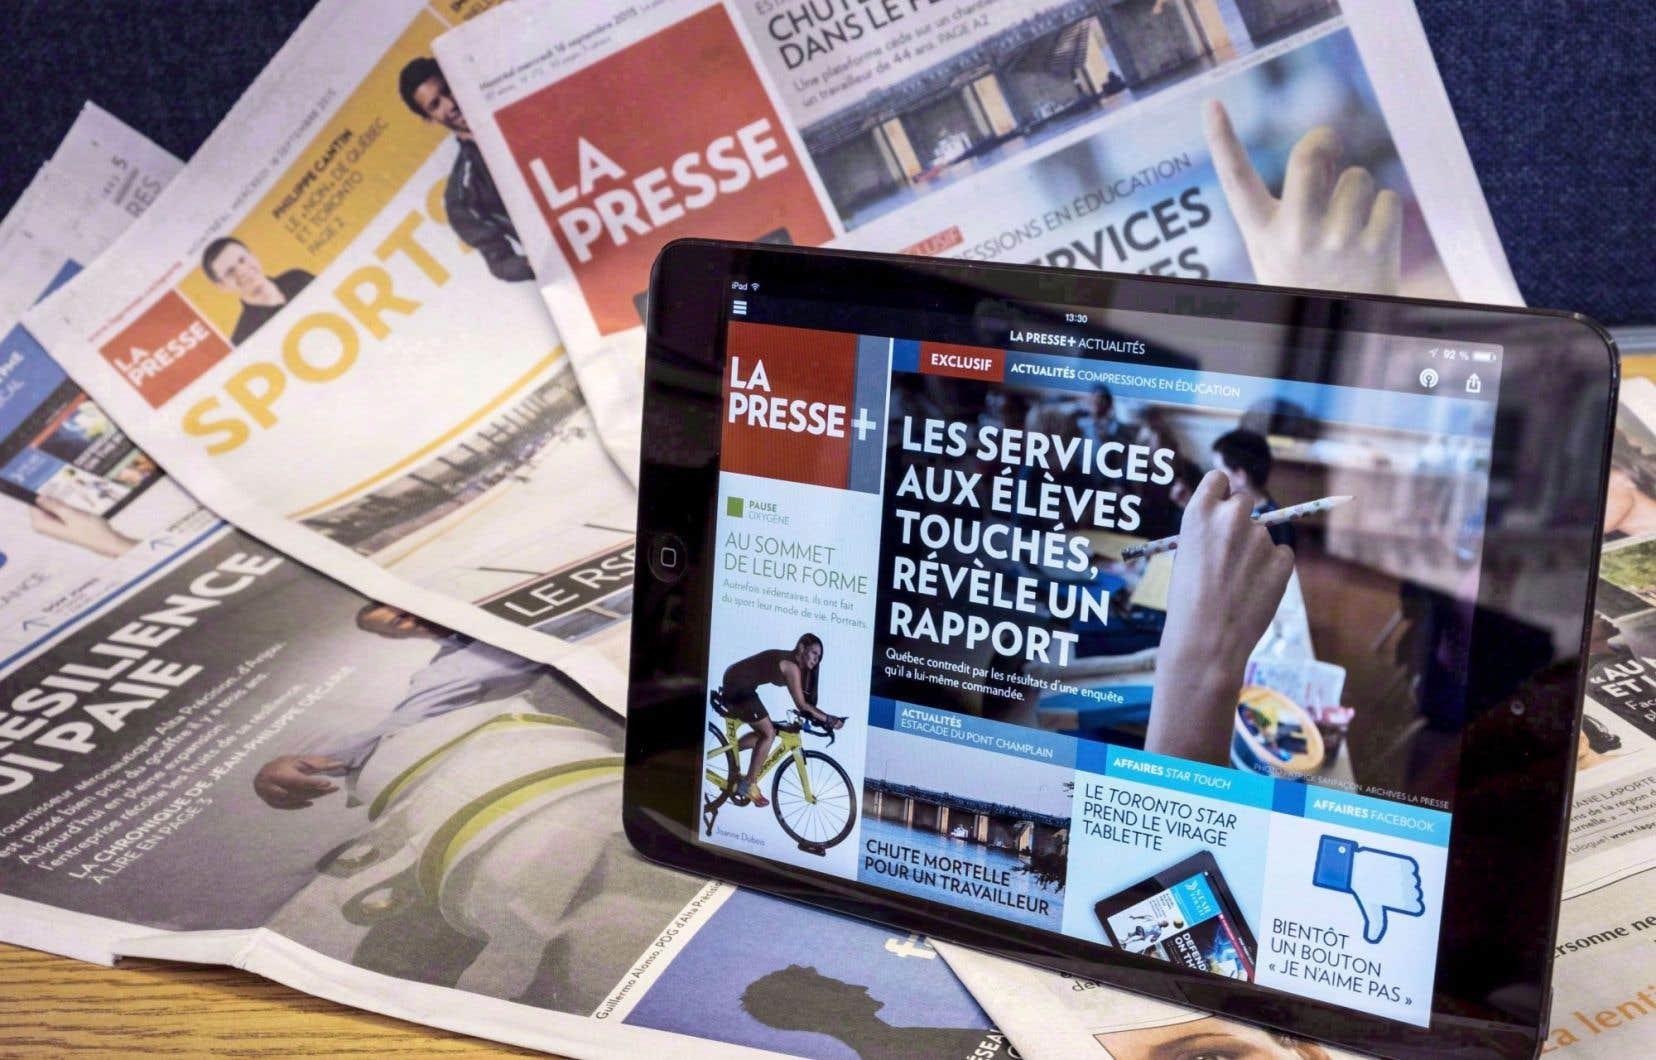 «La Presse» deviendra entièrement numérique à compter de 2018. Cette mesure se traduira par la suppression de 49 emplois permanents et temporaires, selon la direction.